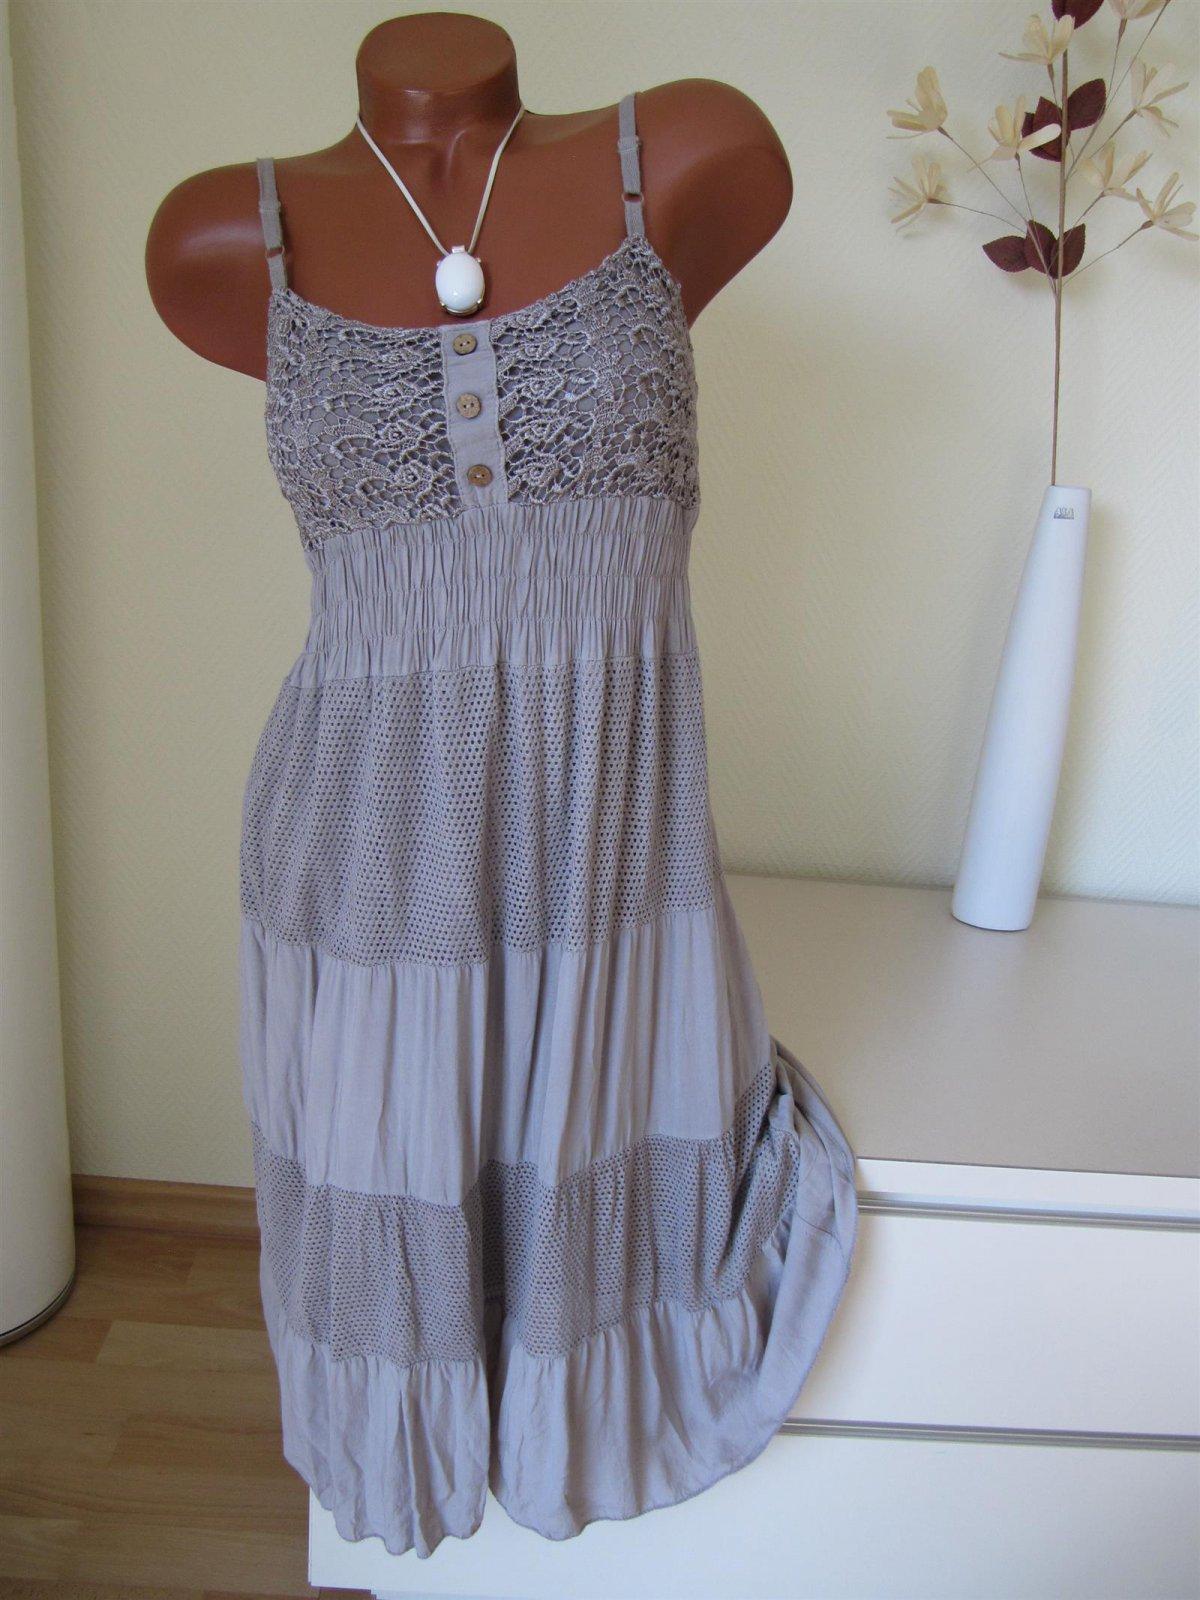 da23d48b250 Sommer kleid 36 – Stilvolle Abendkleider in Deutschland beliebt